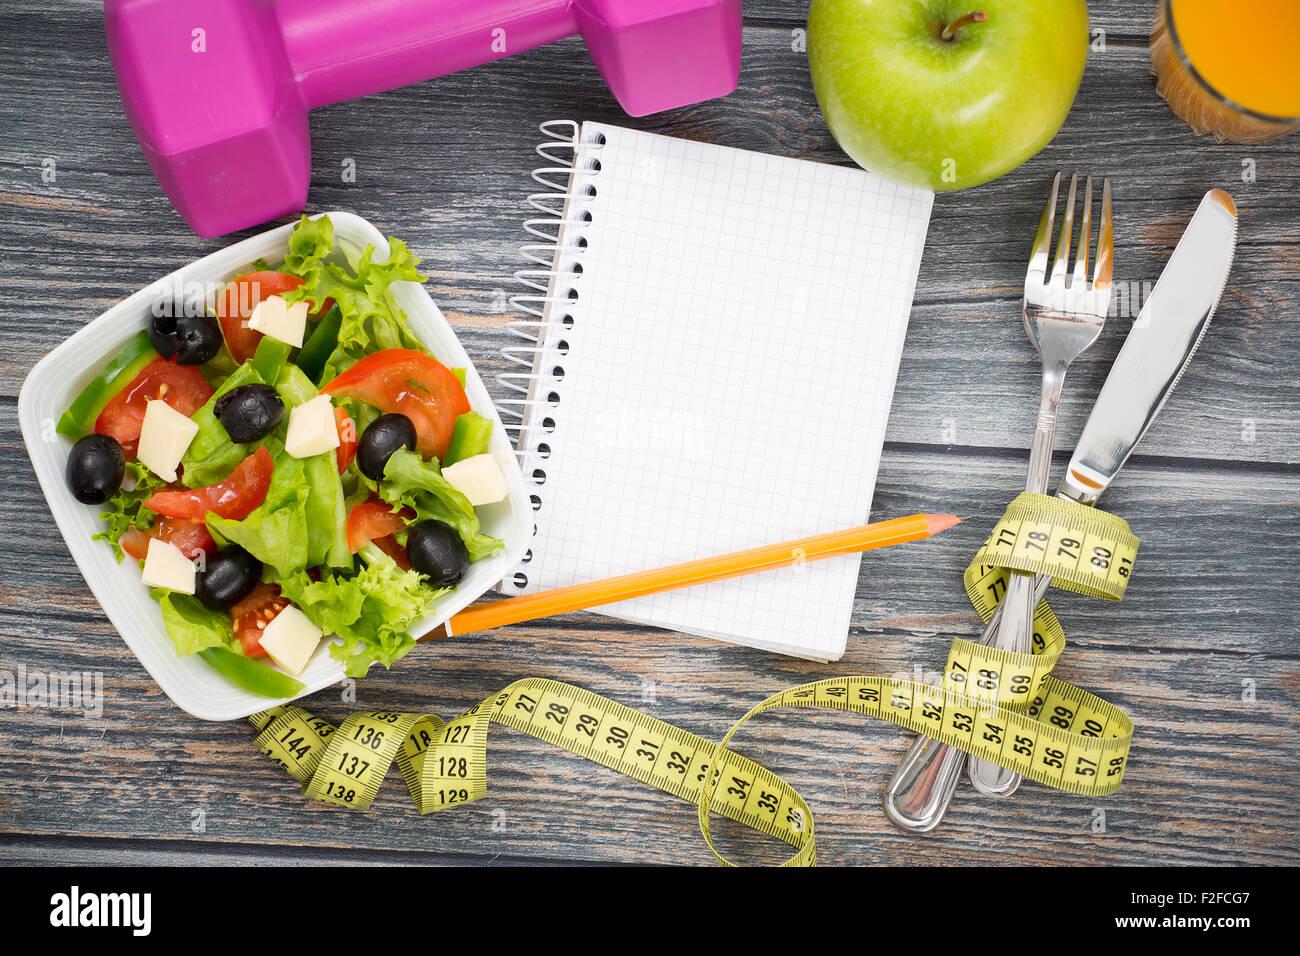 Suivre un régime de remise en forme et d'entraînement de l'espace de copie sur table en bois. Photo Stock